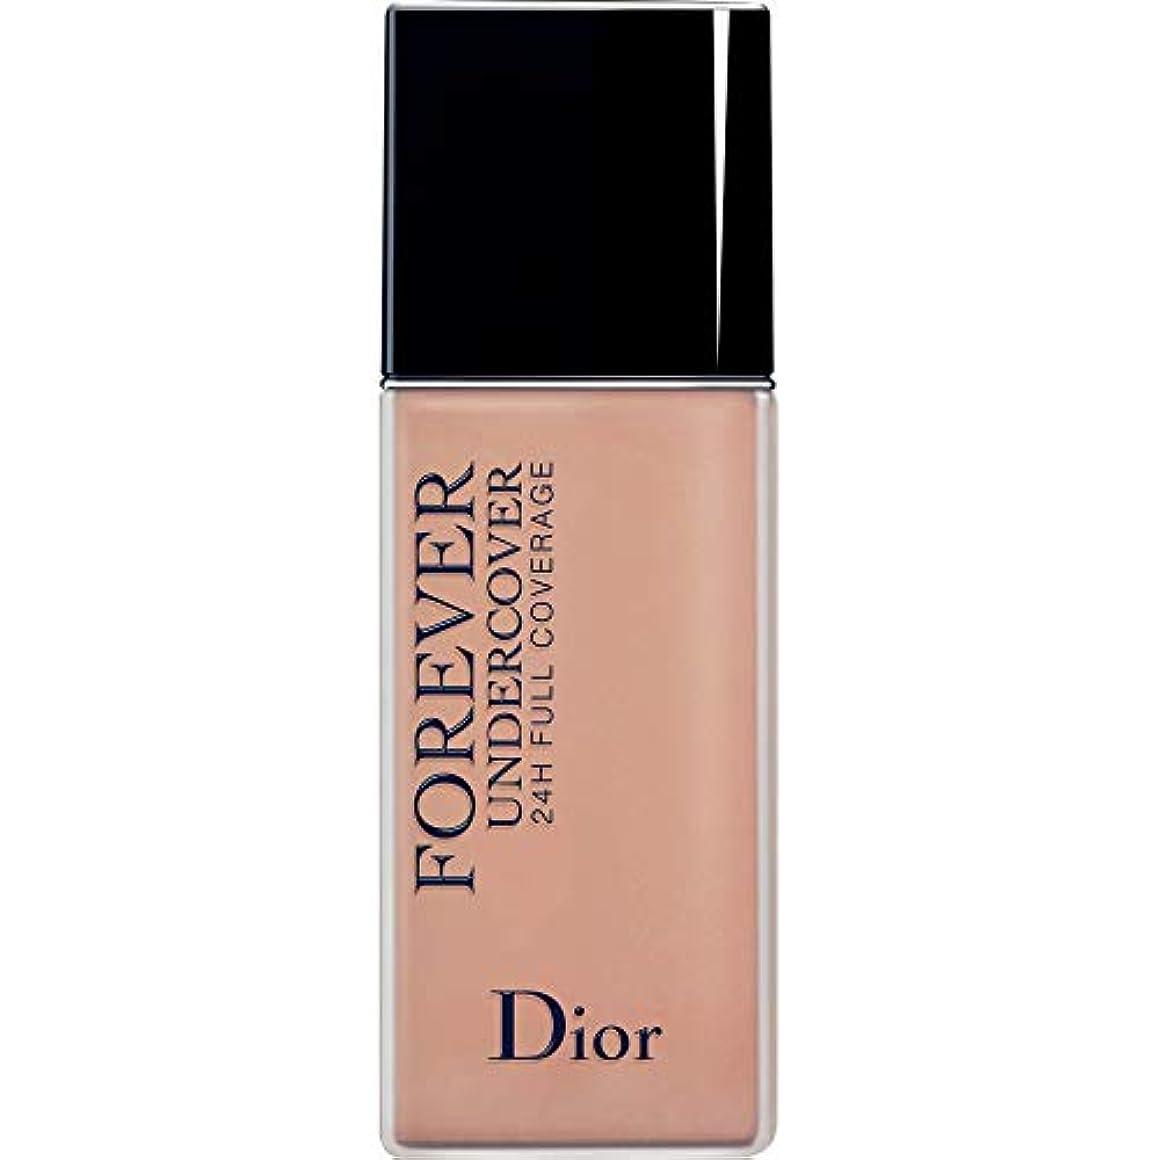 とにかく新鮮な未知の[Dior ] ディオールディオールスキン永遠アンダーカバーフルカバーの基礎40ミリリットル034 - アーモンドベージュ - DIOR Diorskin Forever Undercover Full Coverage...